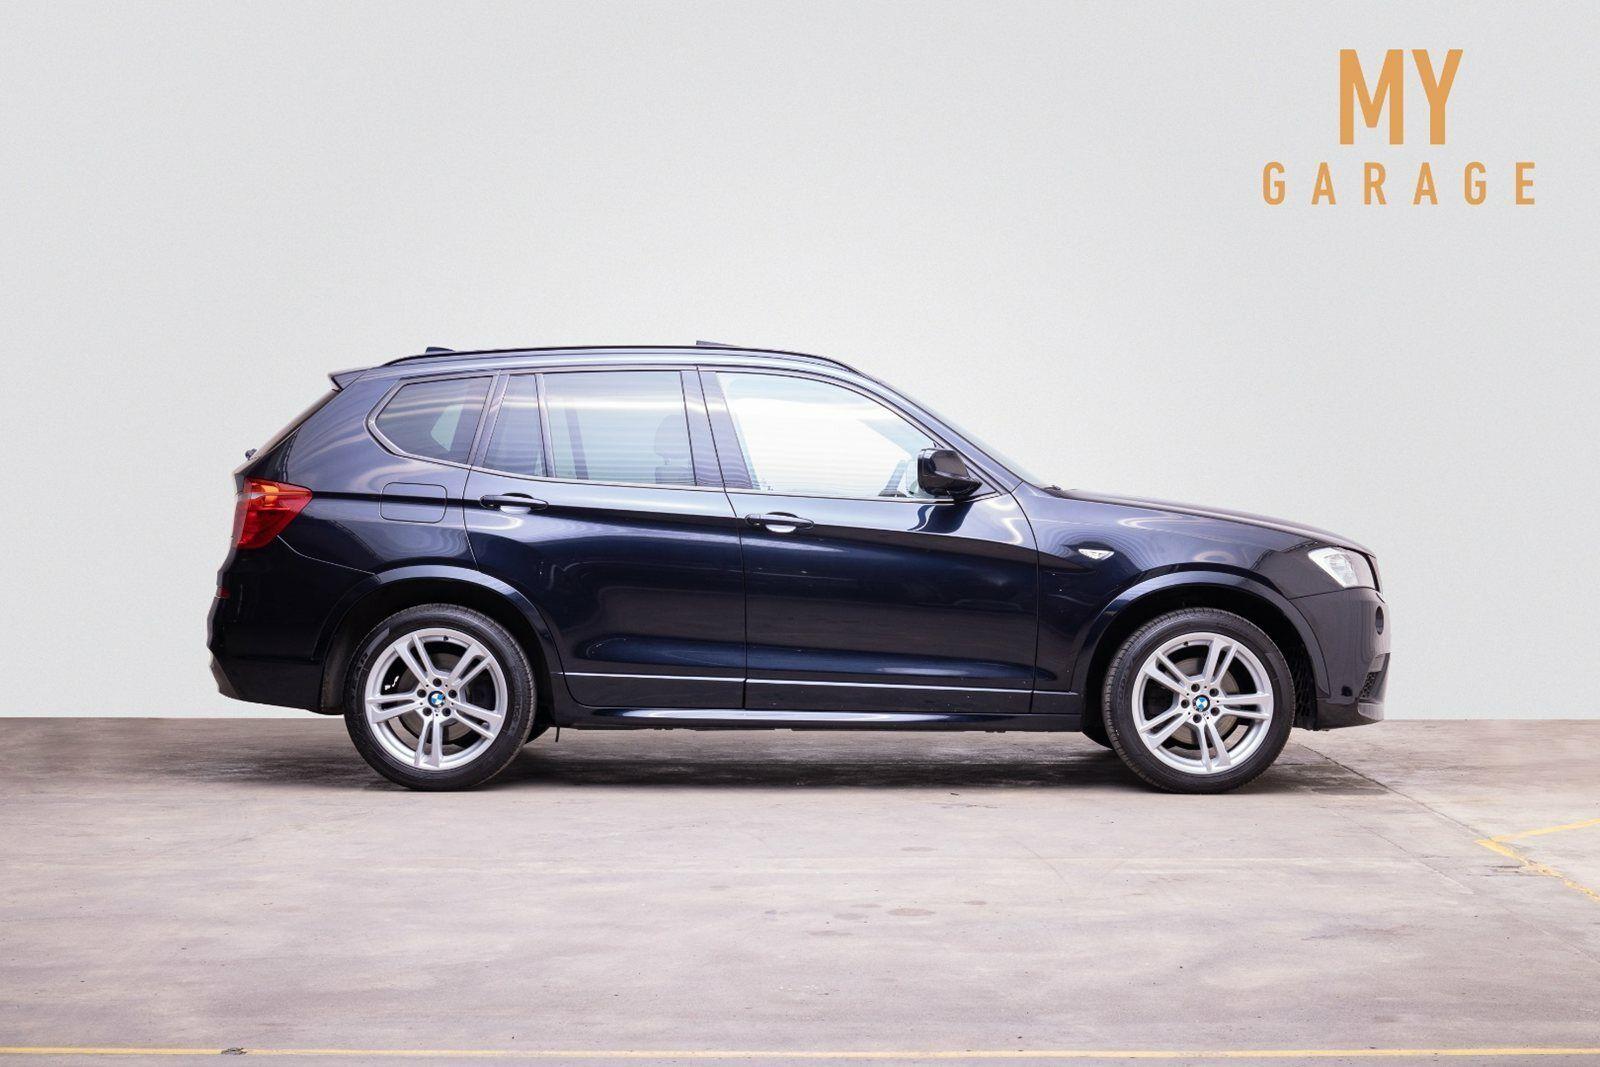 BMW X3 3,0 xDrive35d aut. 5d - 2.895 kr.